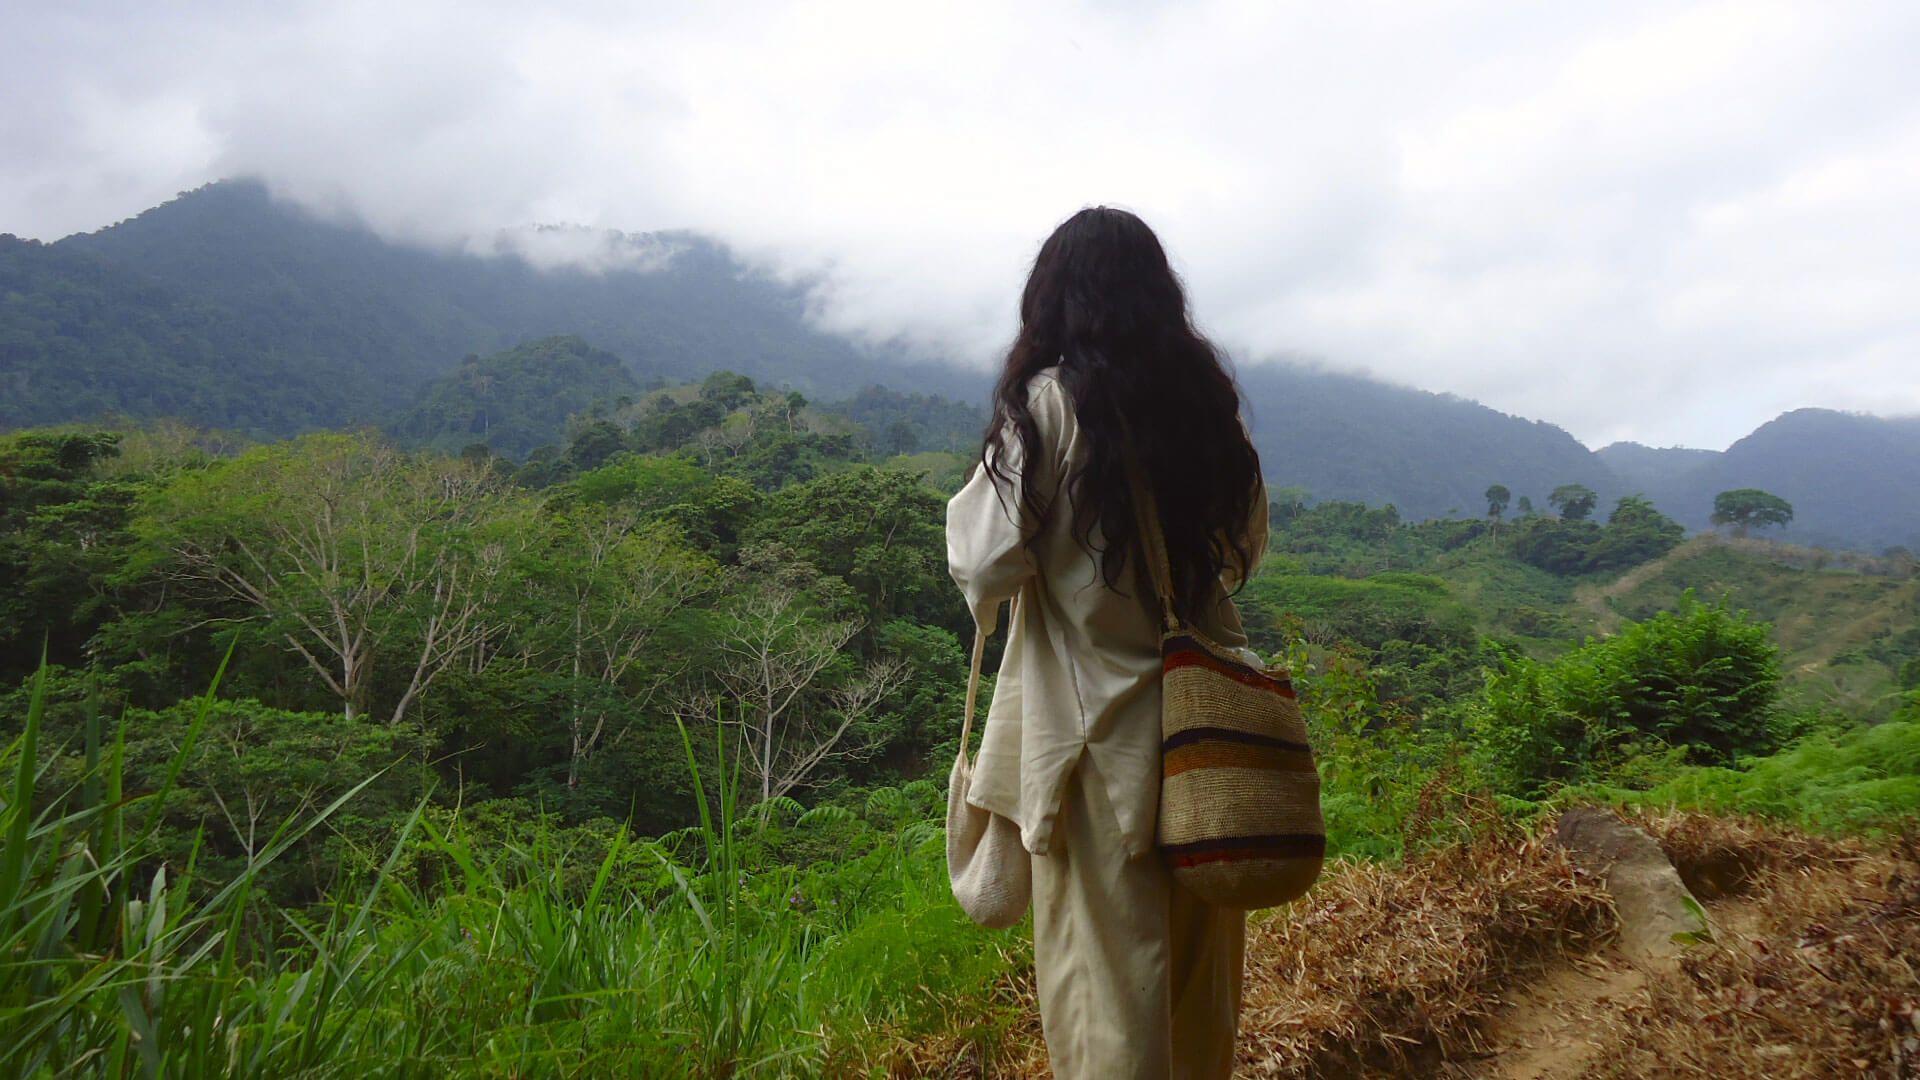 Rutas para viajar por Colombia - Ruta Caribe